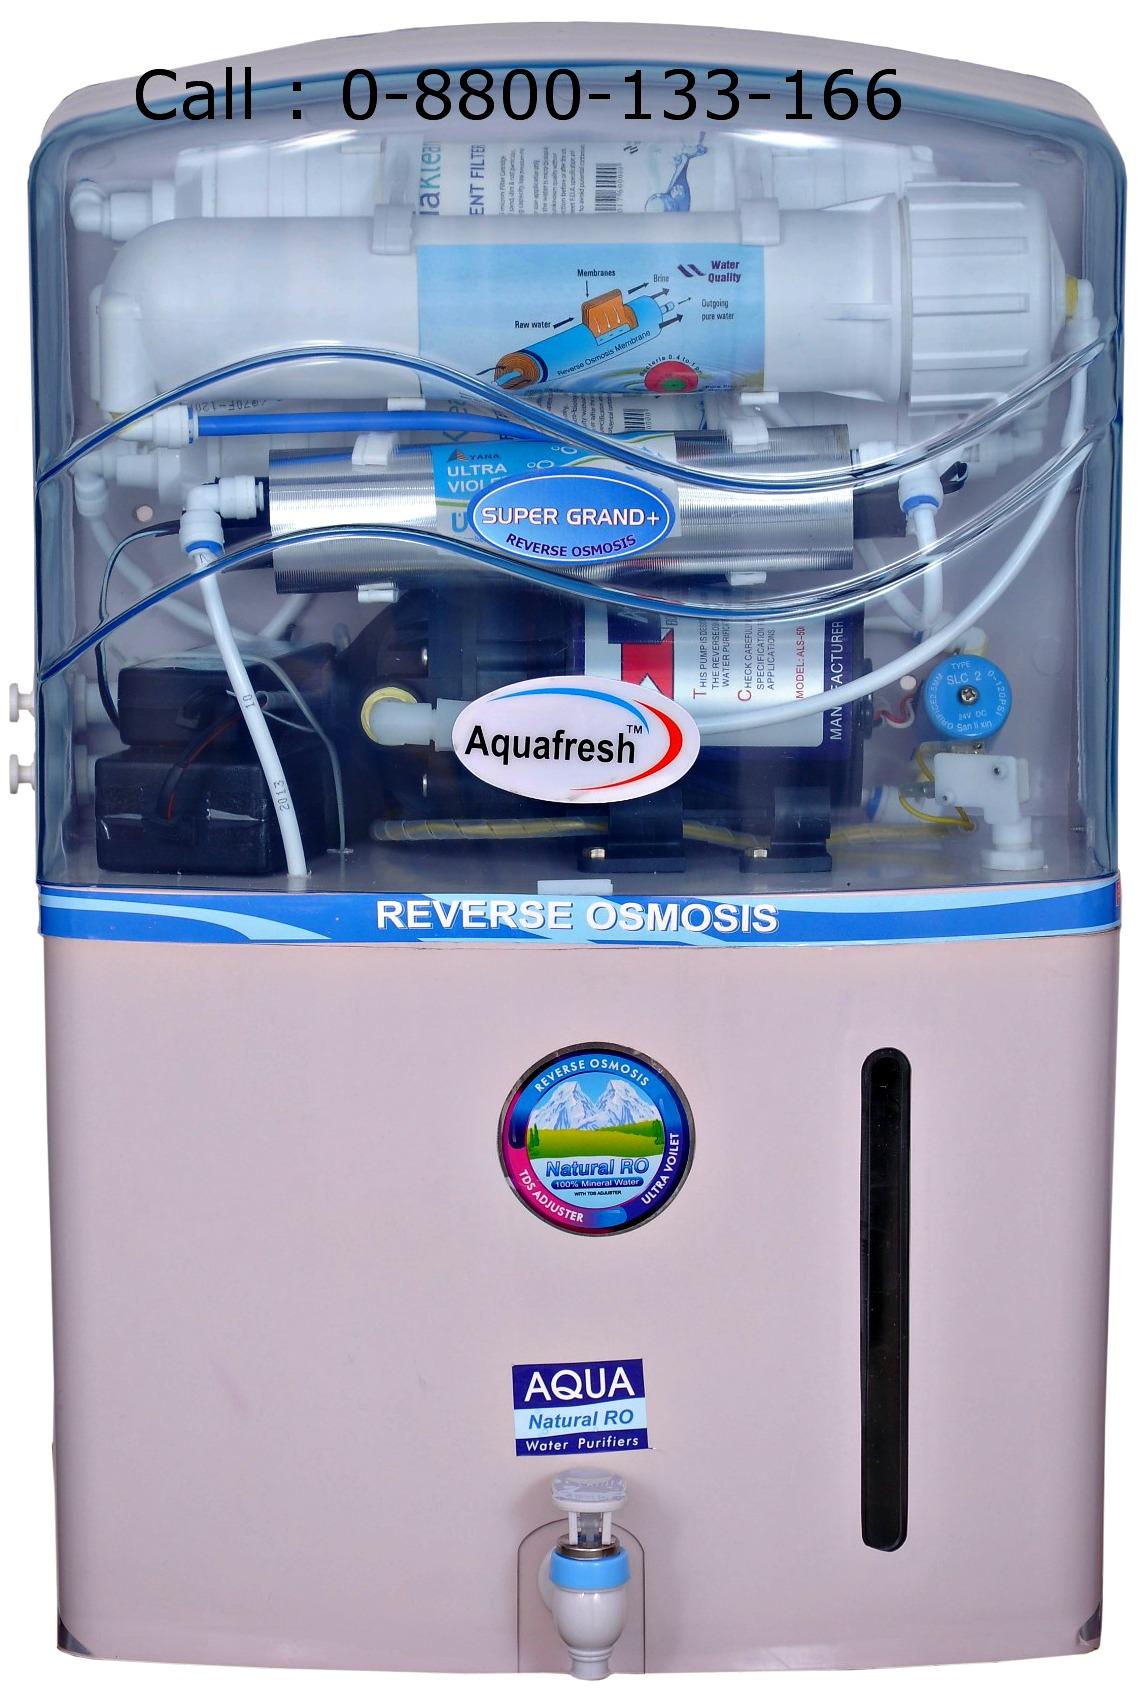 Aquafresh Super Grand